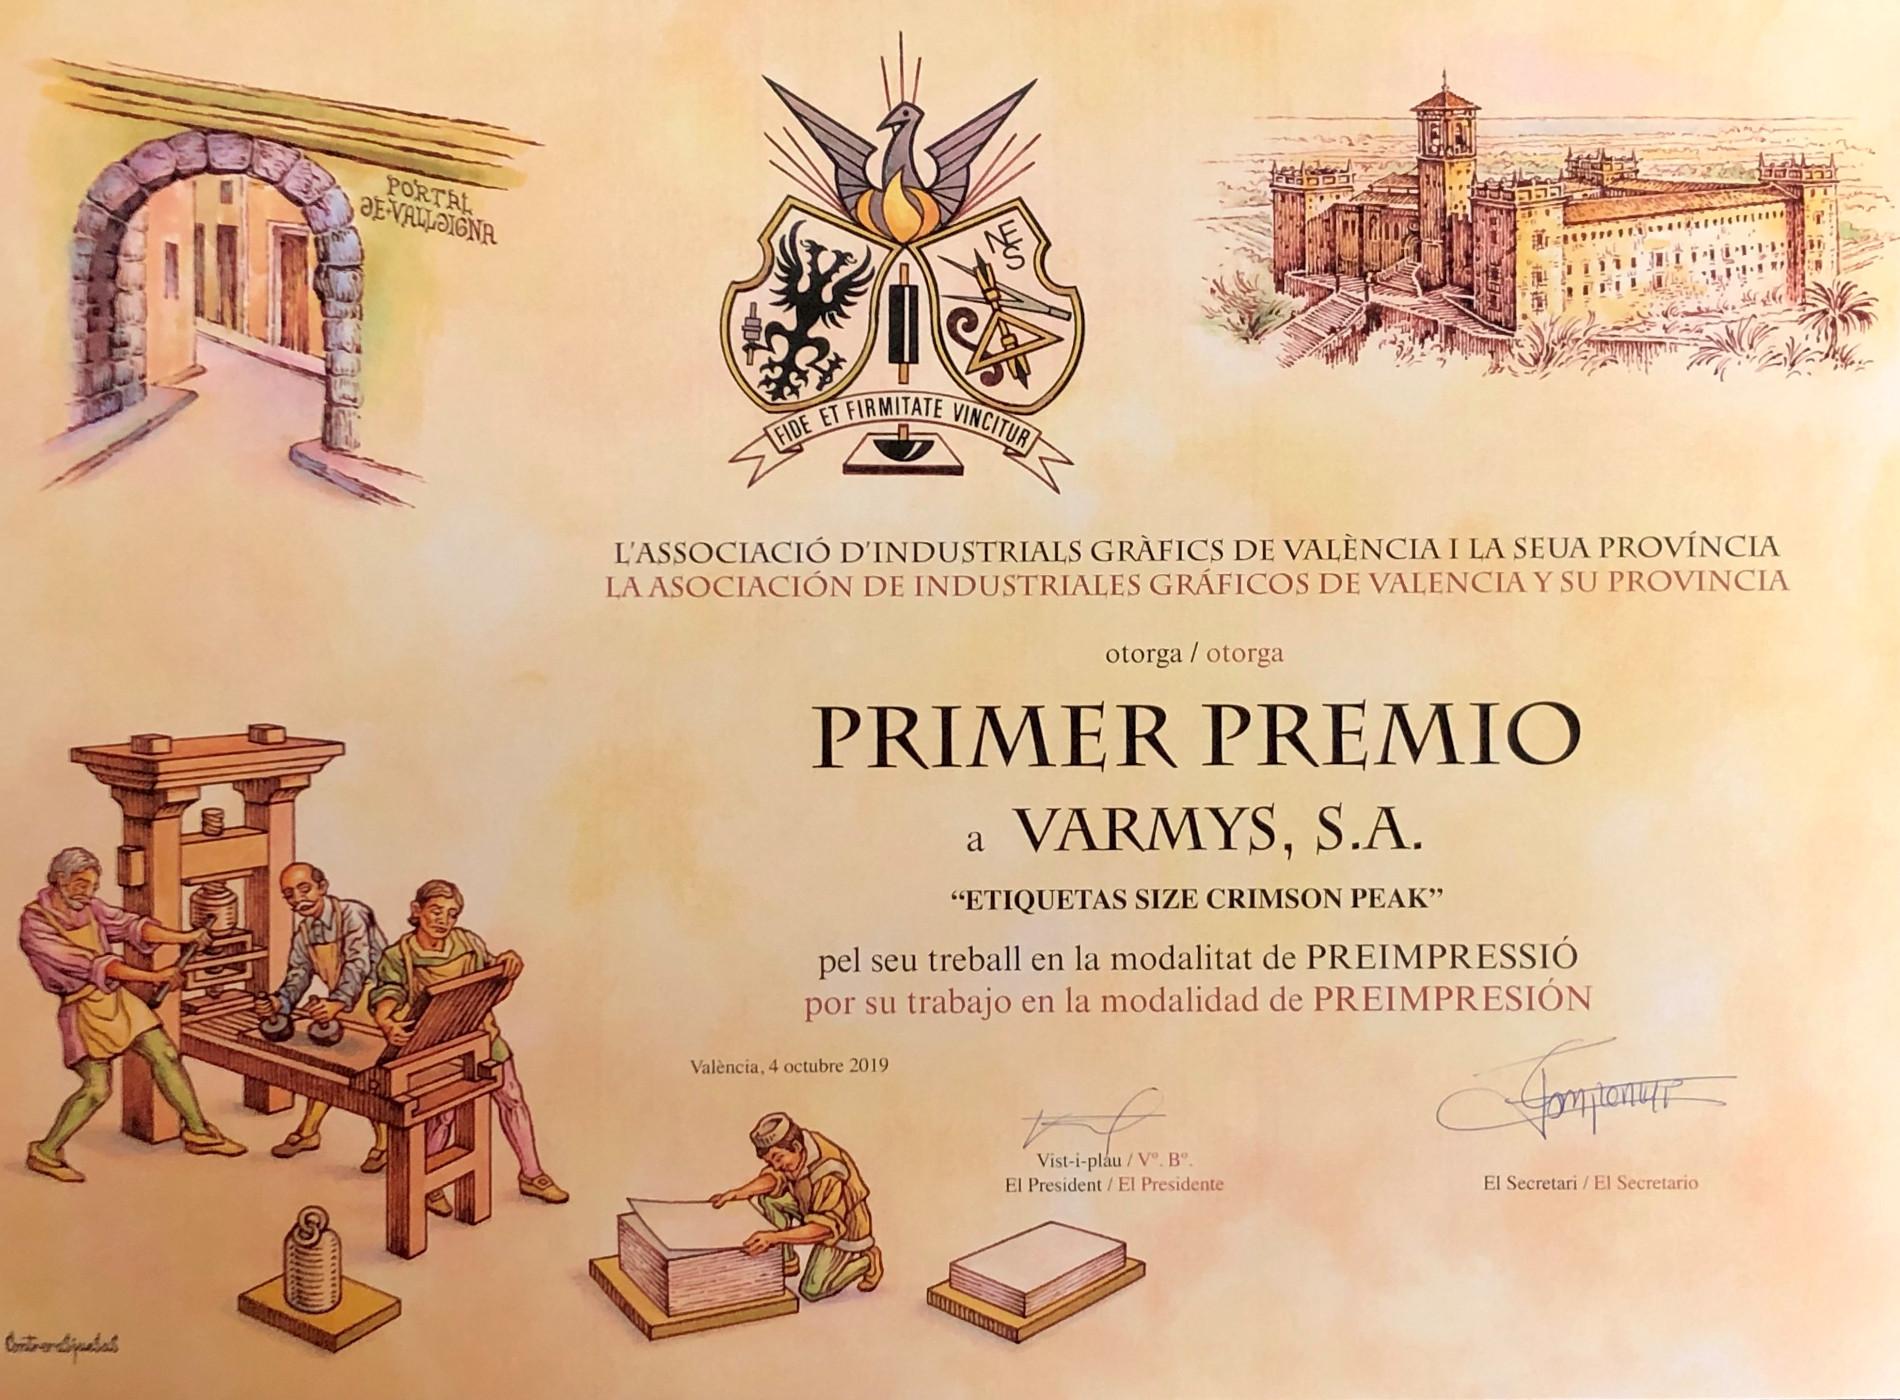 Primer premio pre impresión Varmys